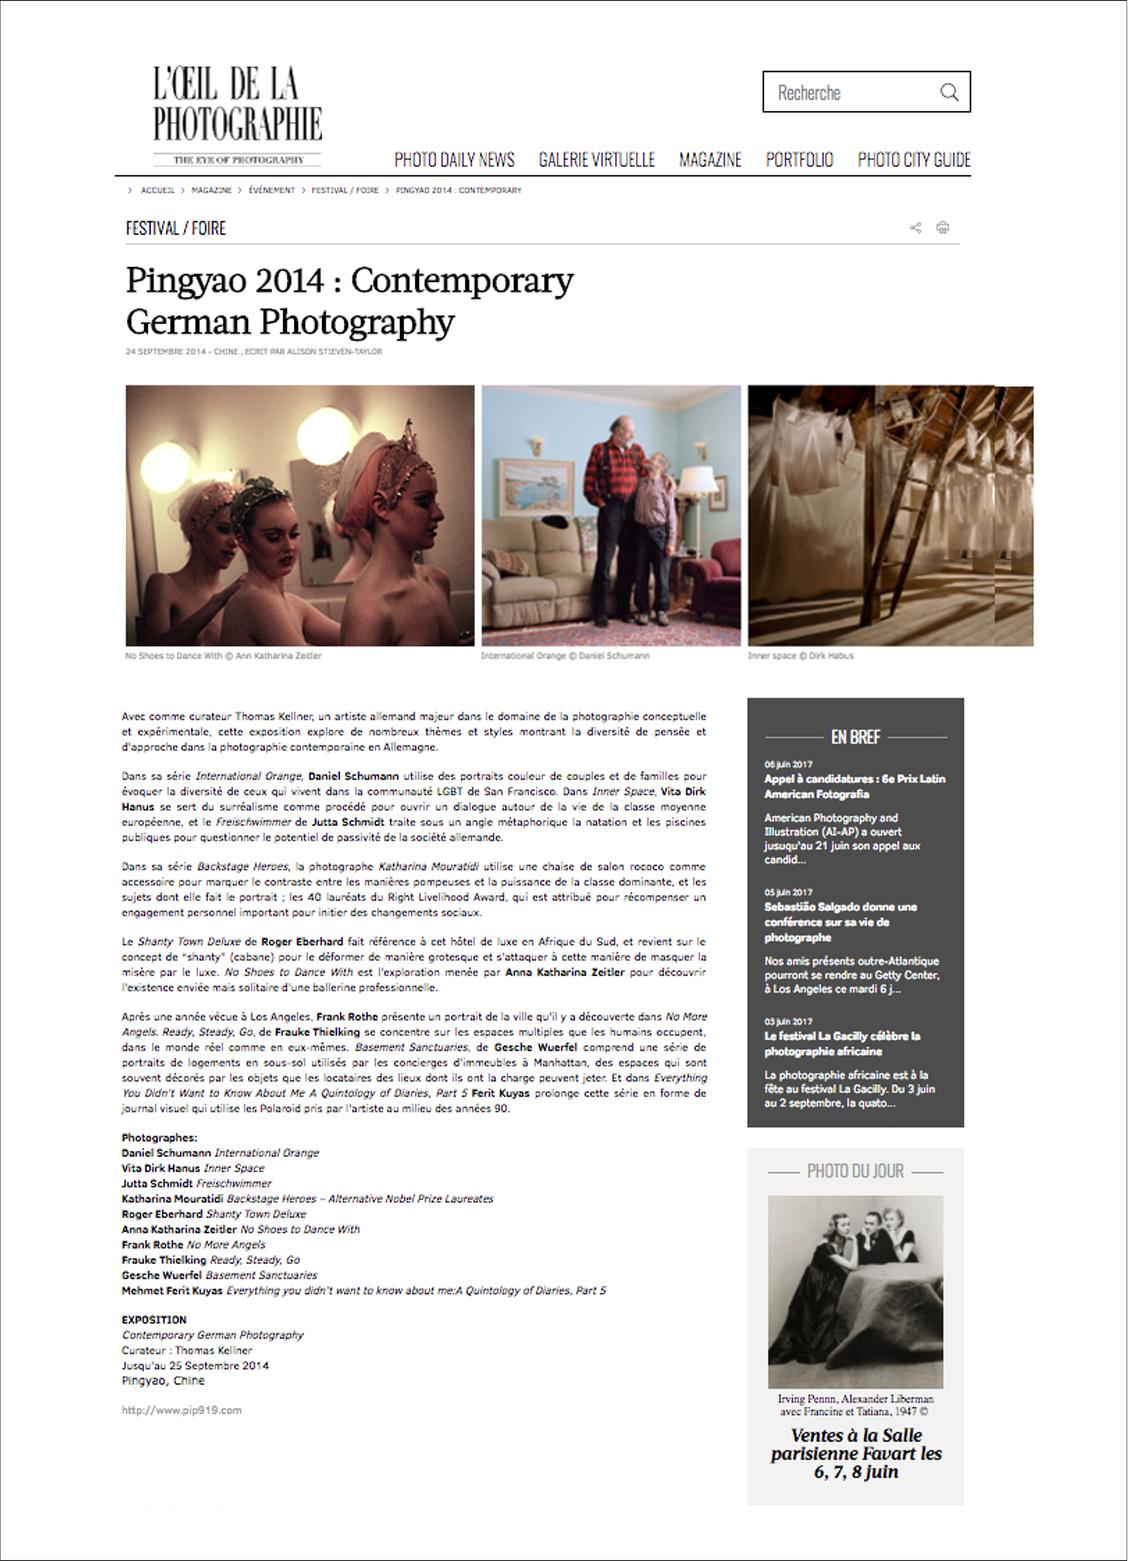 Loeil de la photographie, Pingyao 2014 Paris, France, 2014